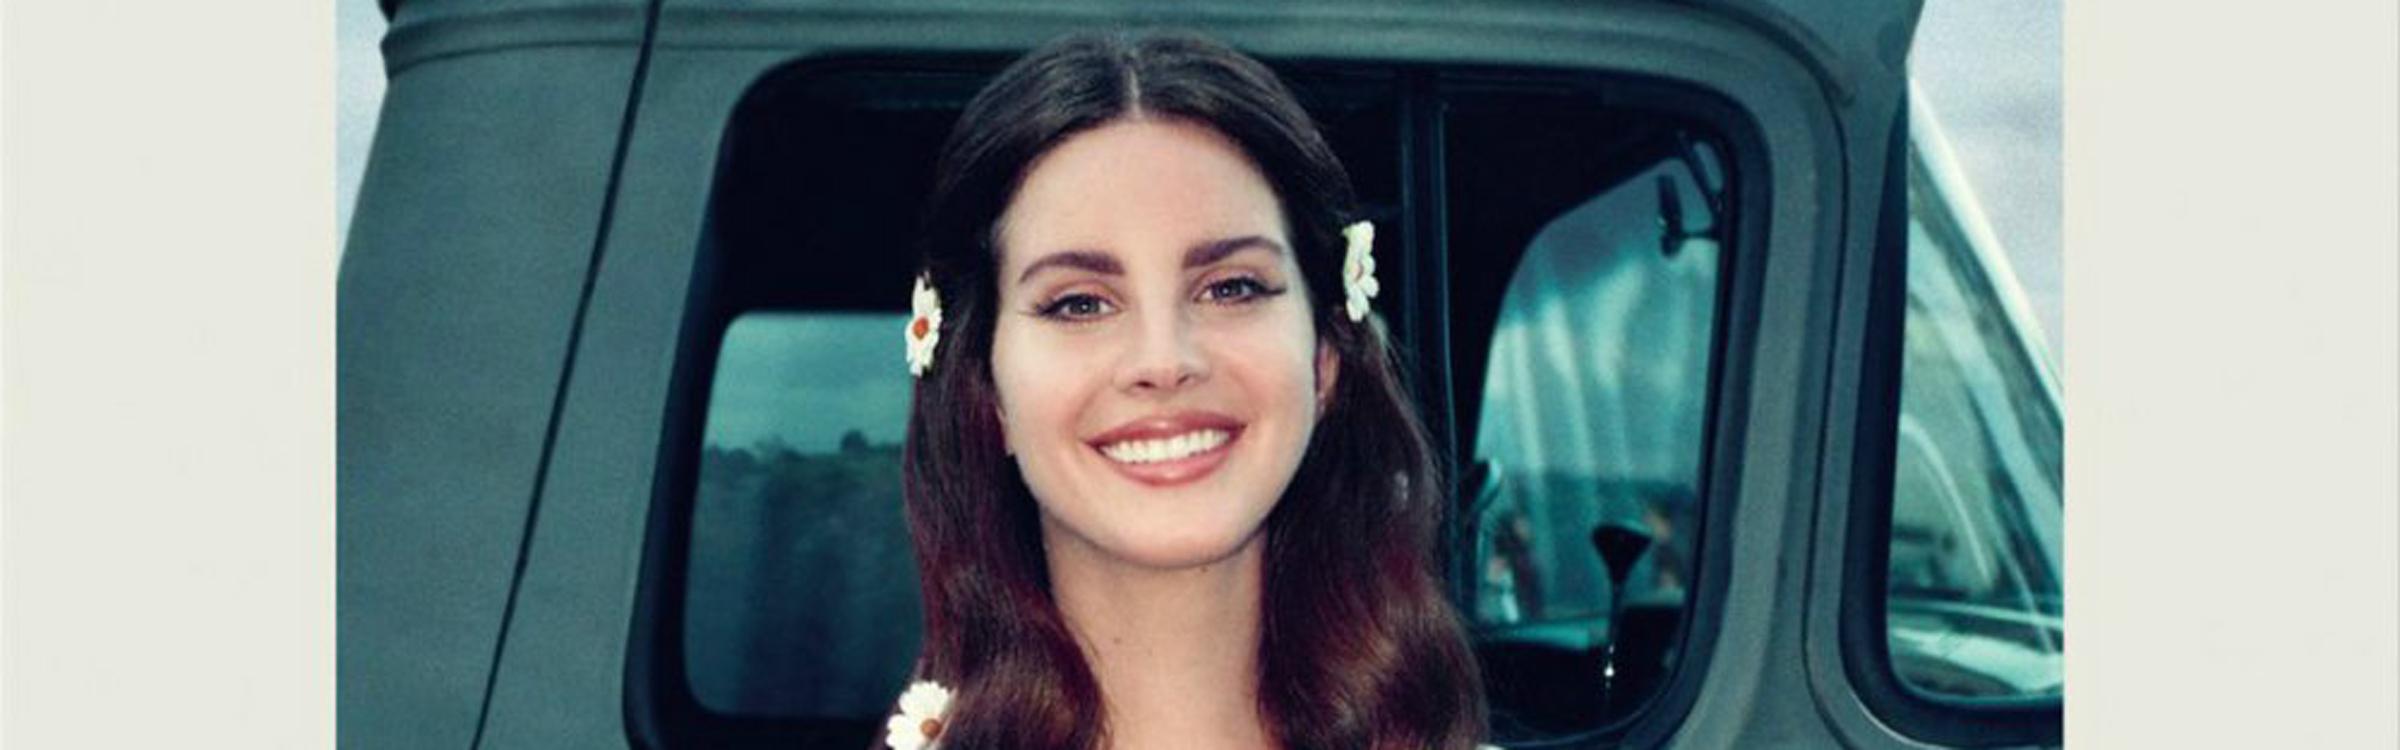 Lana header